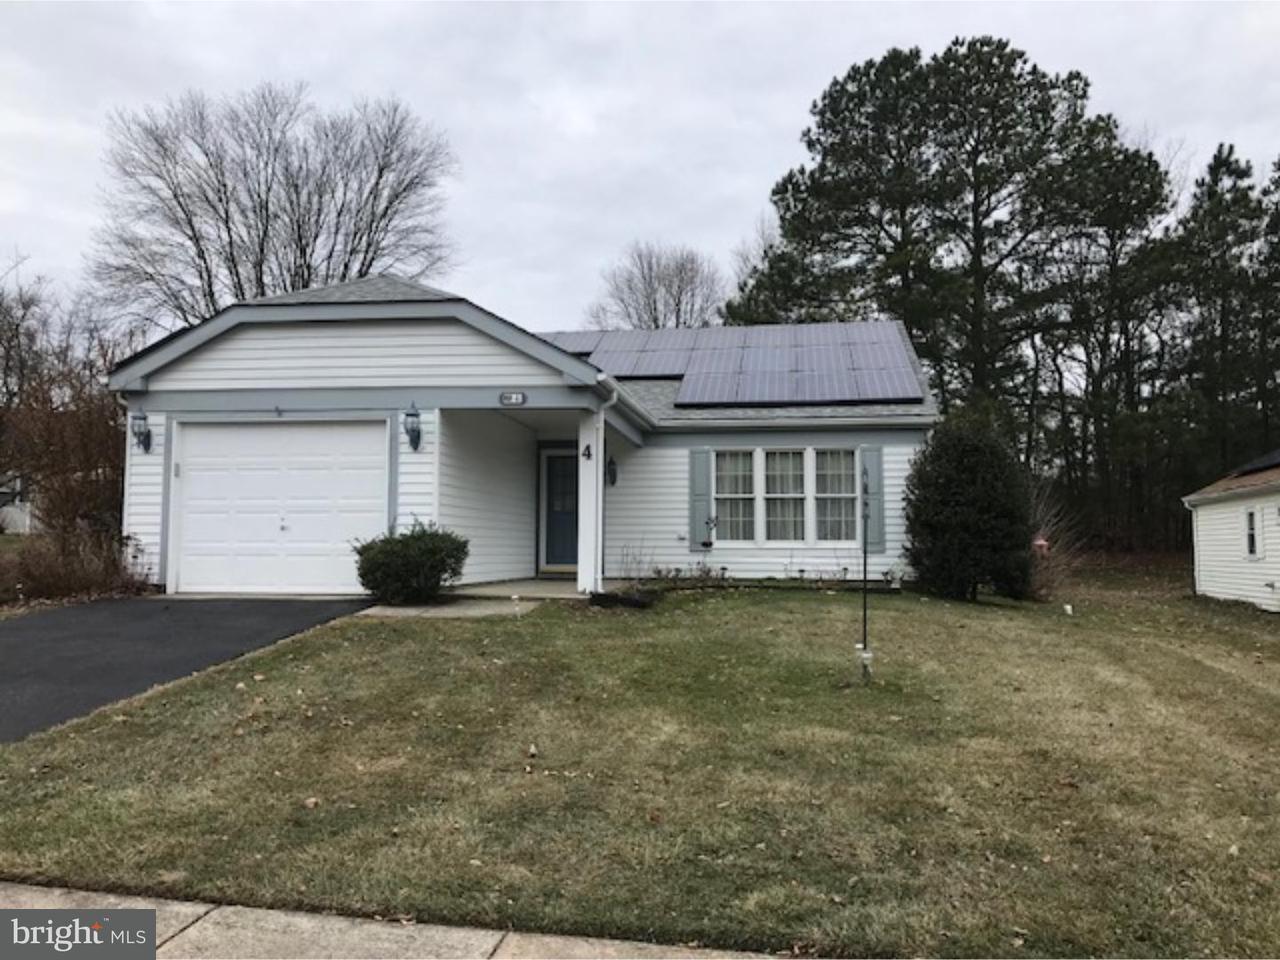 独户住宅 为 销售 在 4 STAMFORD Place Southampton, 新泽西州 08088 美国